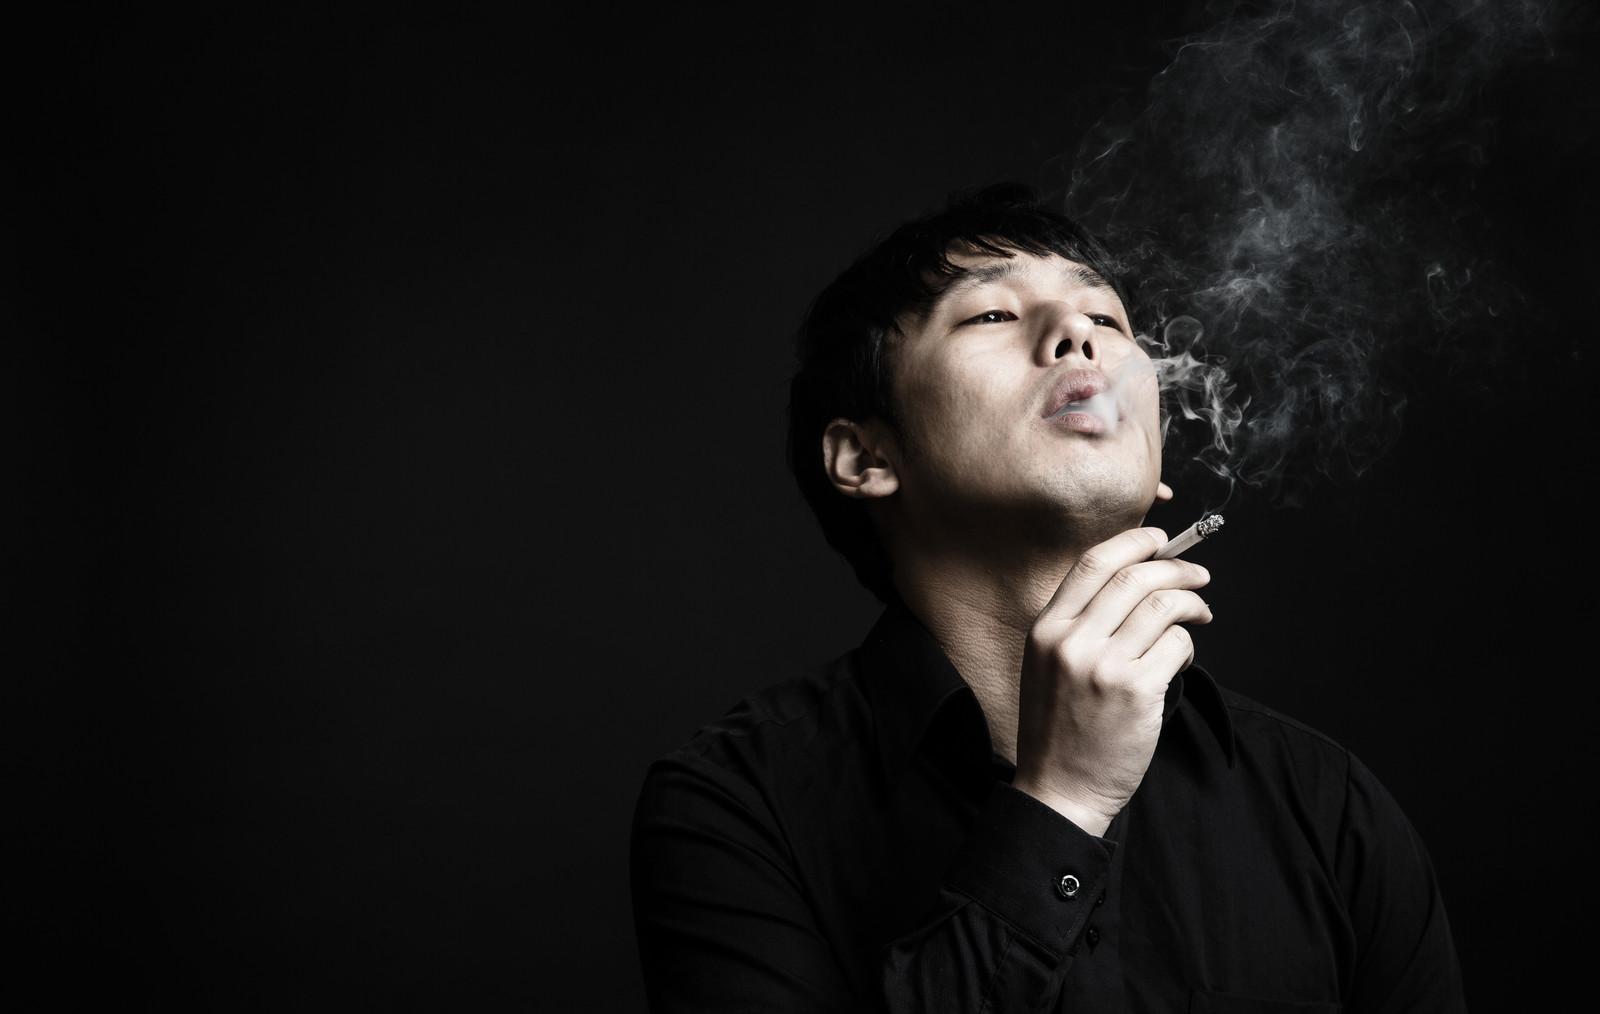 禁煙ルールを作れ!!喫煙者だった僕が実践したタバコの禁煙方法!!